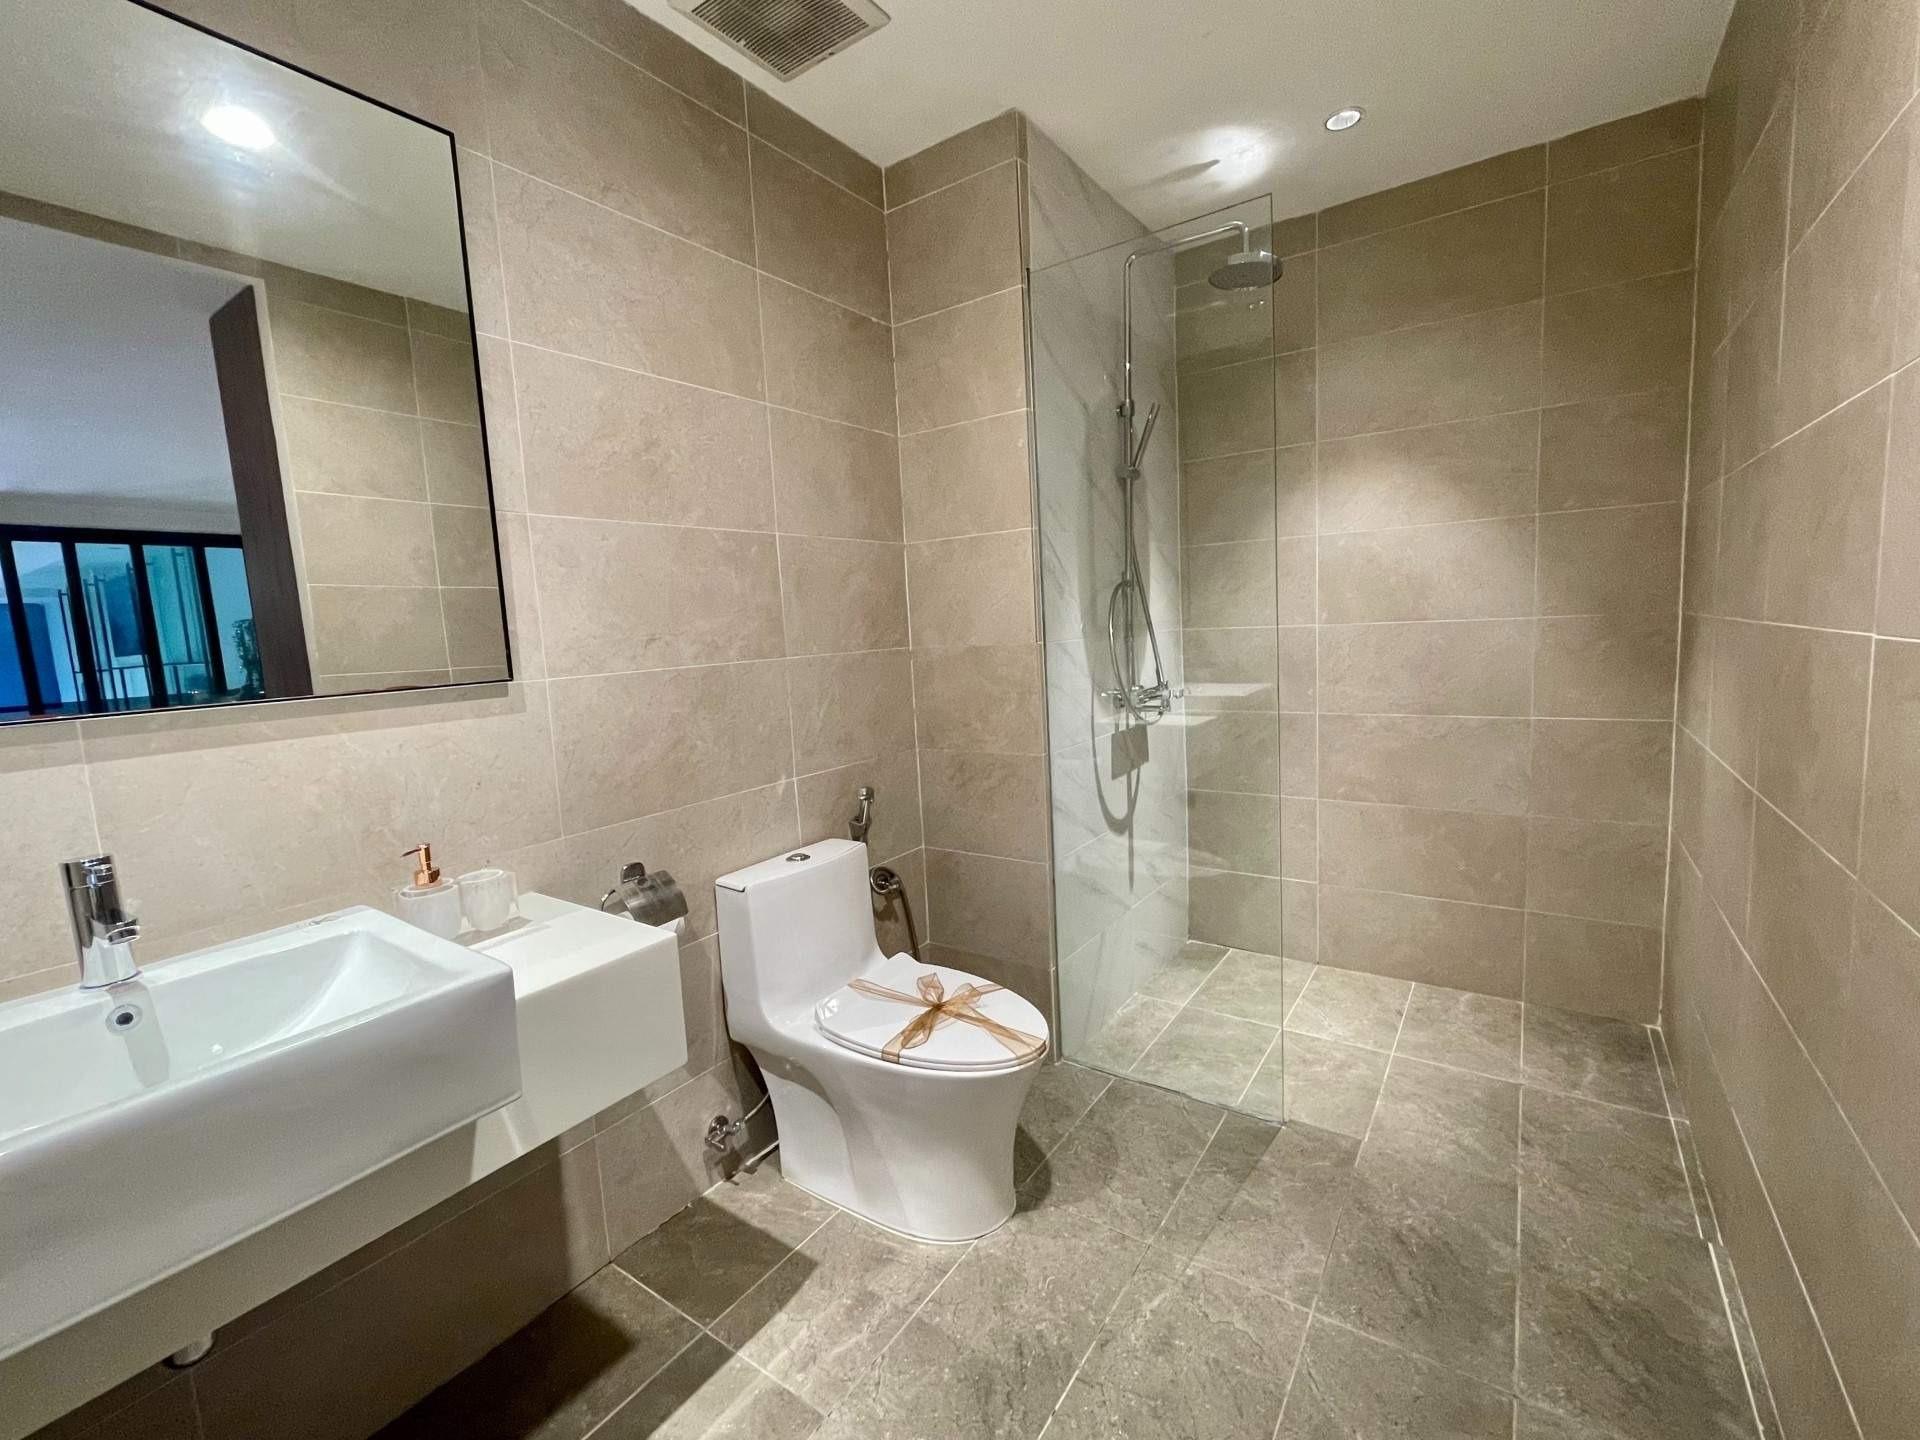 Bathroom Countertops Las Vegas